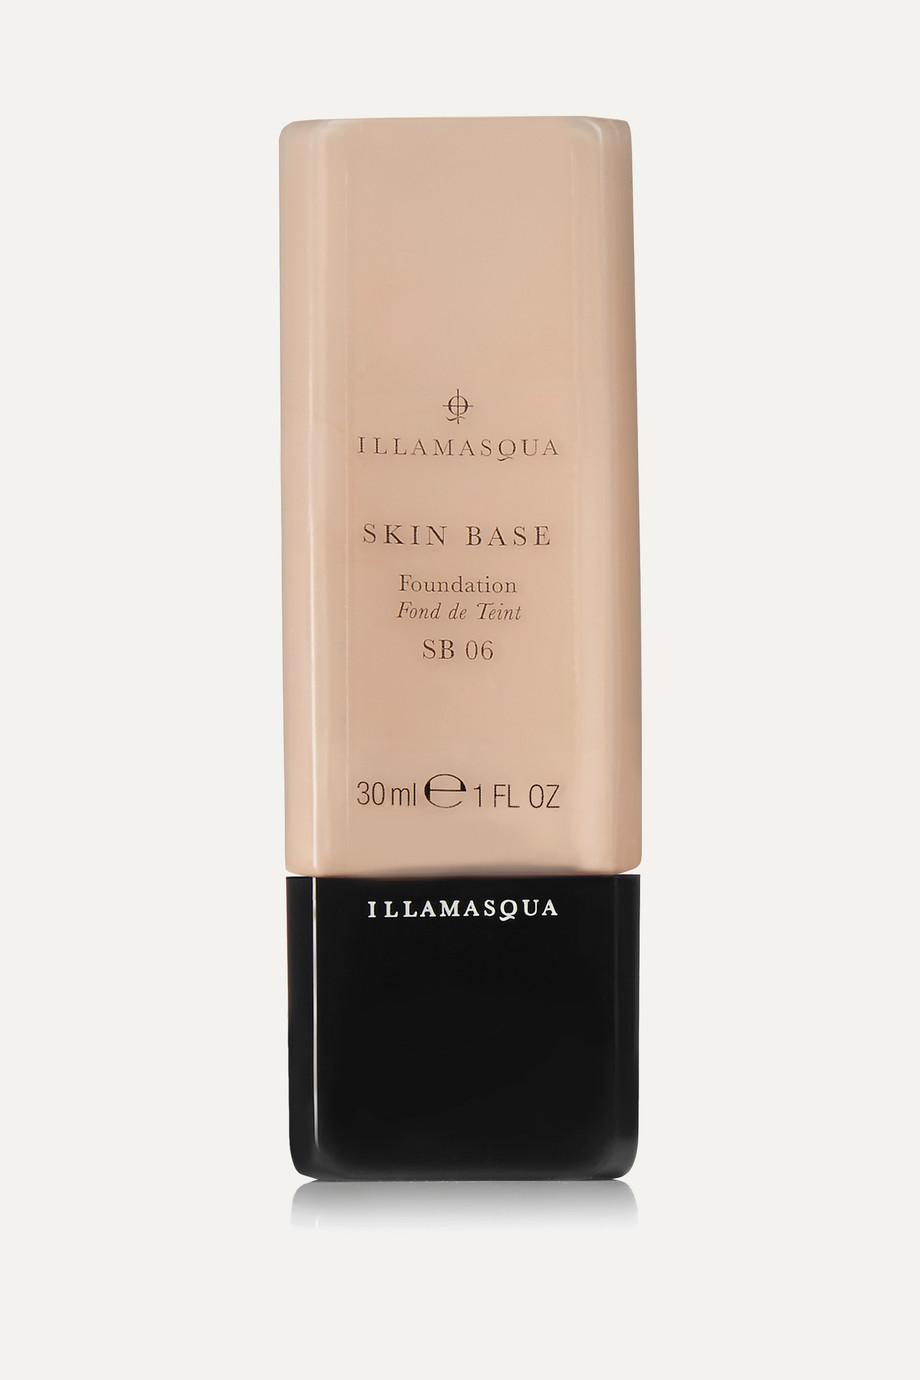 Illamasqua Skin Base Foundation - 6, 30ml